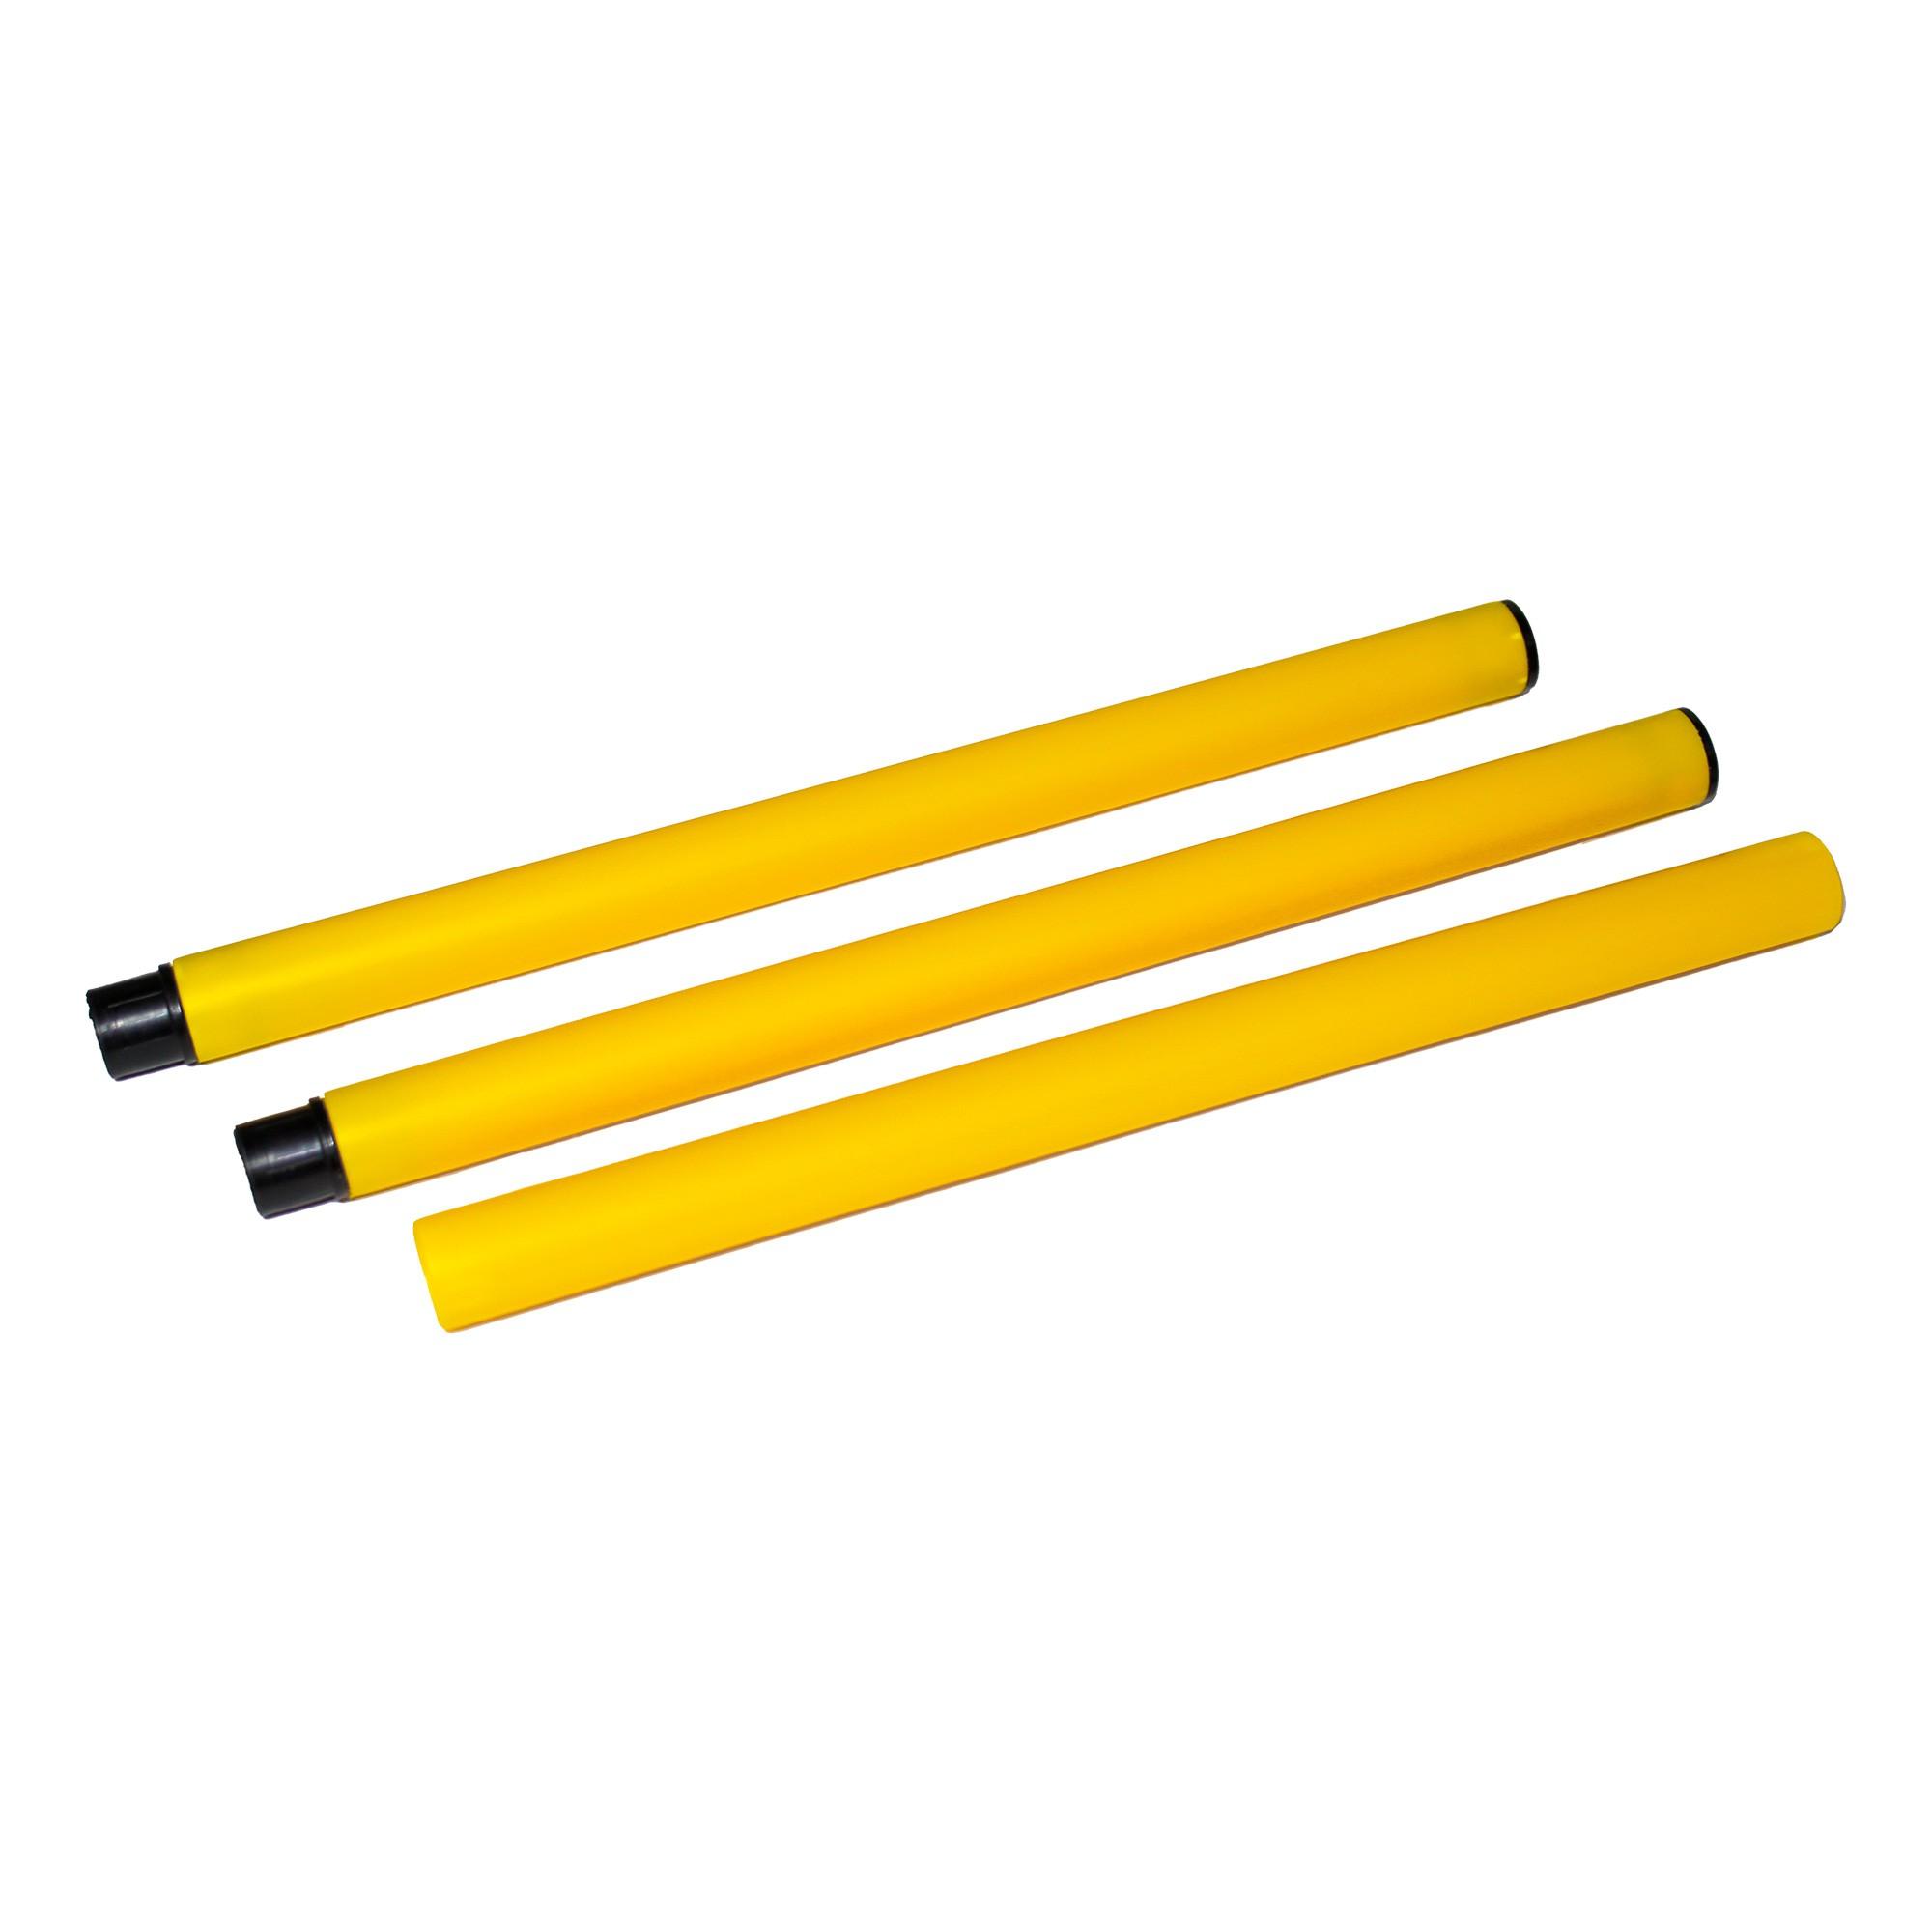 Bastão de treinamento em PVC com 91cm comprimento e 2cm de diâmetro 09097